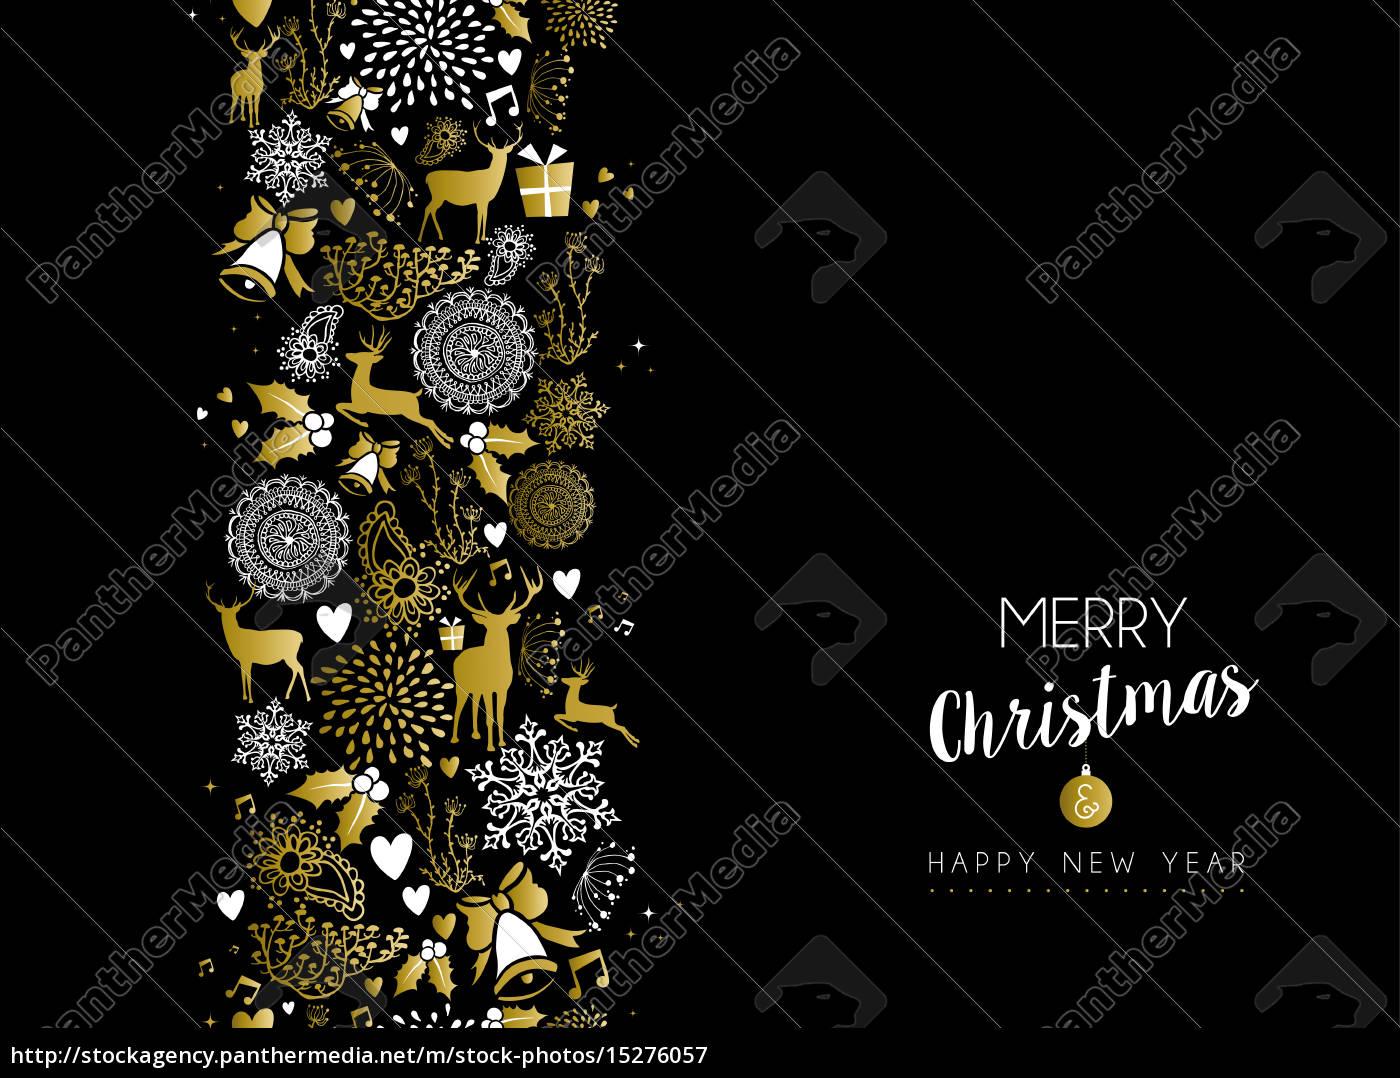 Frohe Weihnachten Gold.Stockfoto 15276057 Frohe Weihnachten Fröhliches Neues Jahr Gold Muster Retro